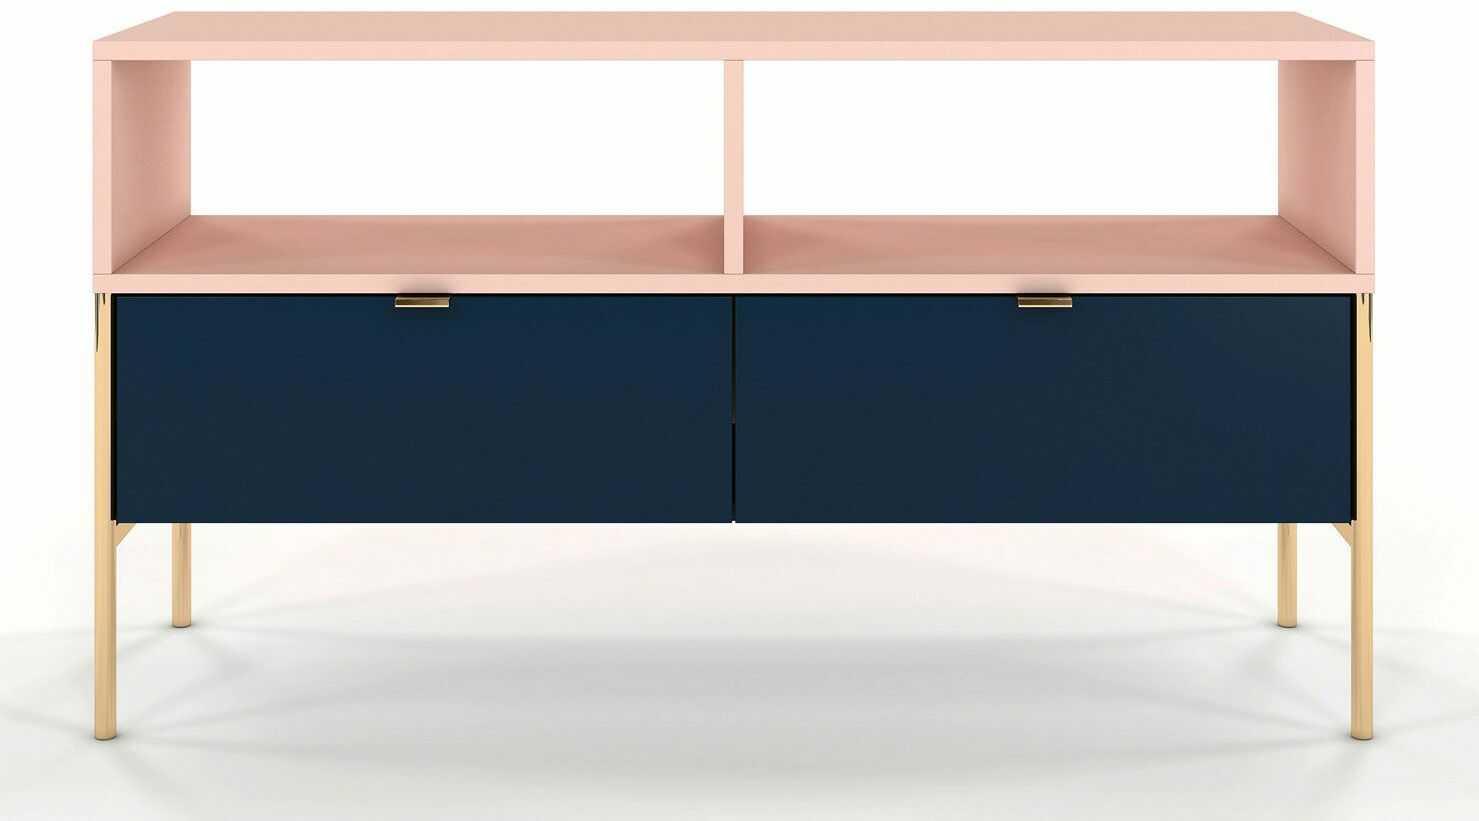 Szafka RTV w stylu glamour Perilla 2X - Granat-Róż